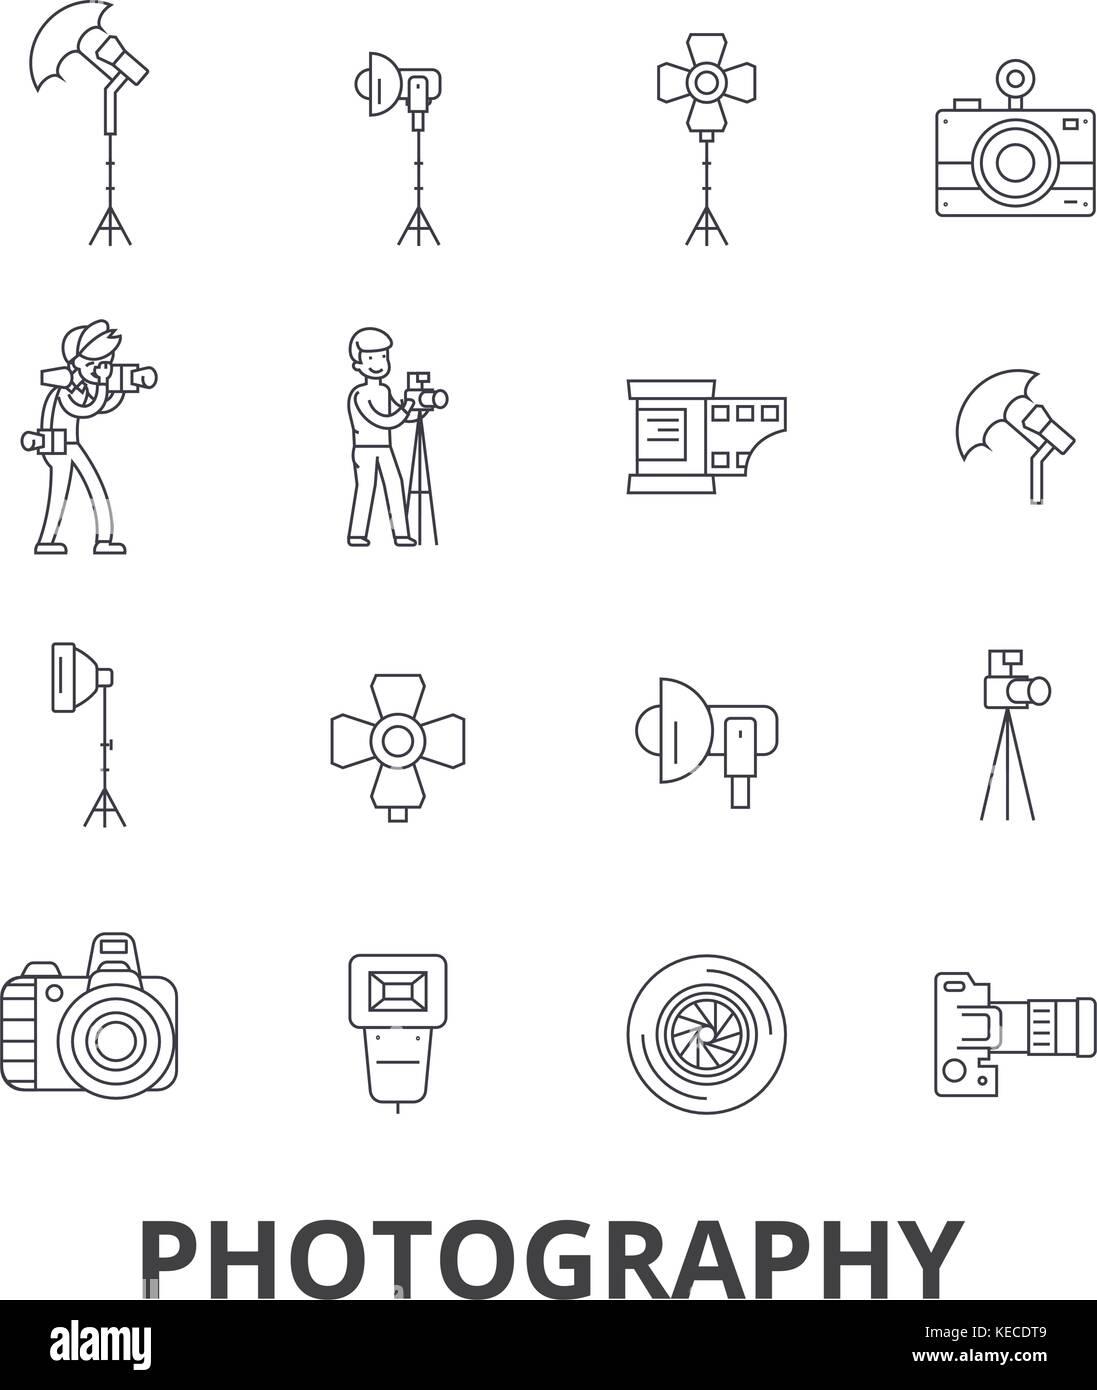 Fotografie, Fotograf, Kamera, Photo Studio, Rahmen, Kamera, Polaroid ...